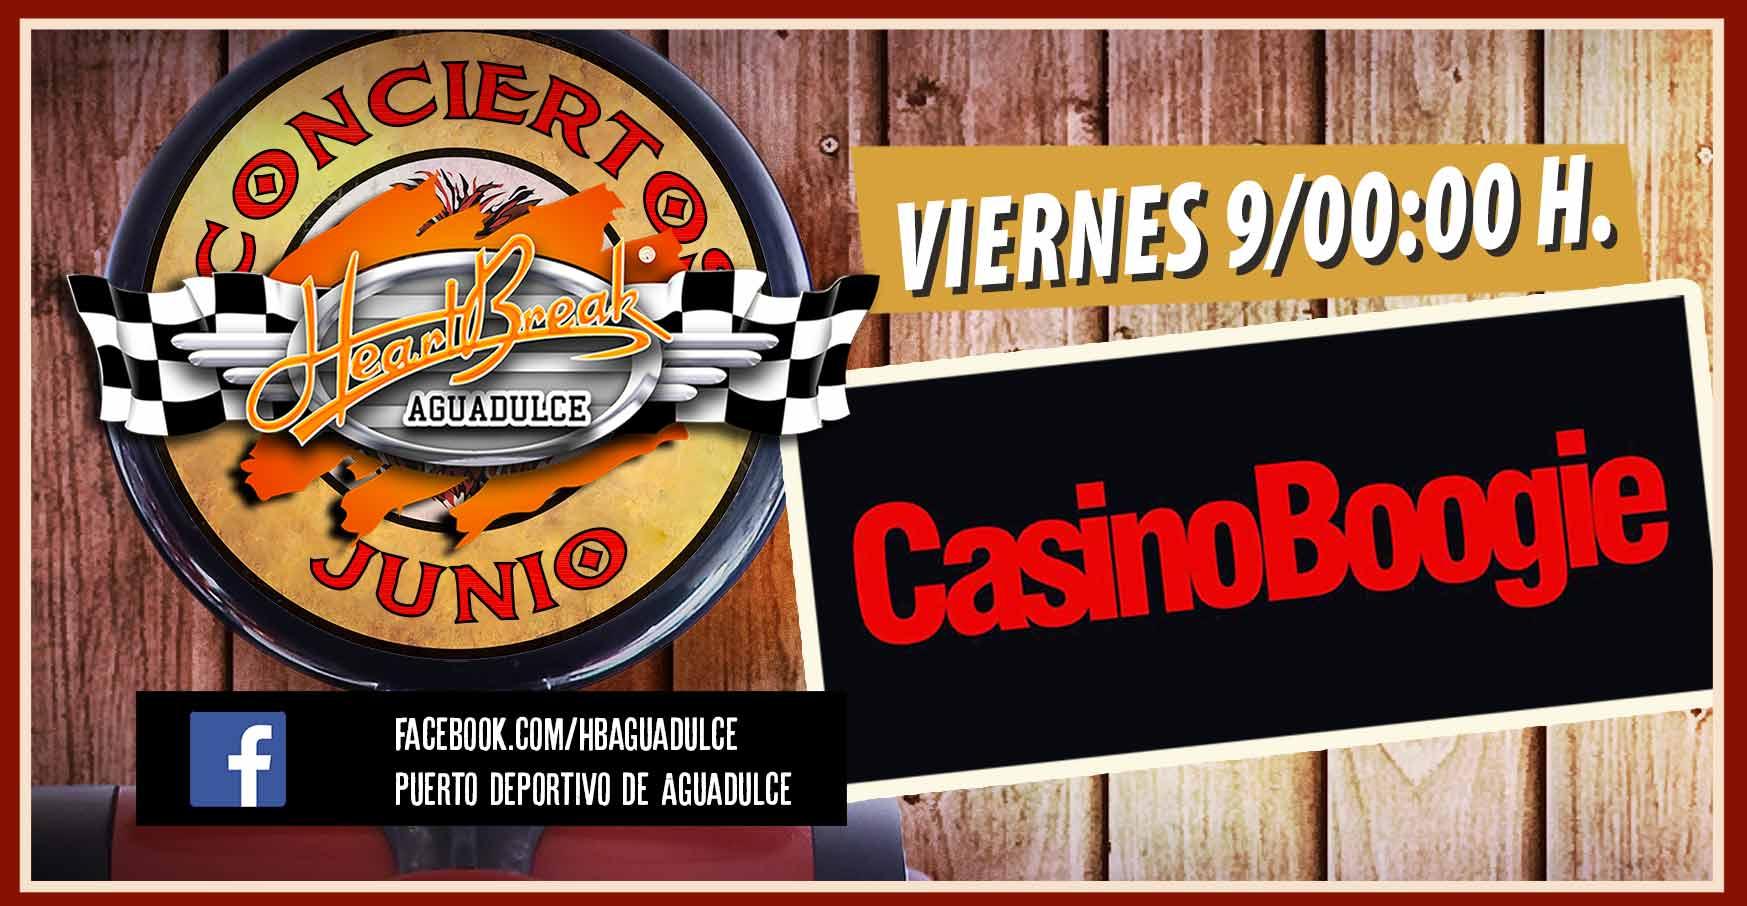 Concierto de Casino Boogie